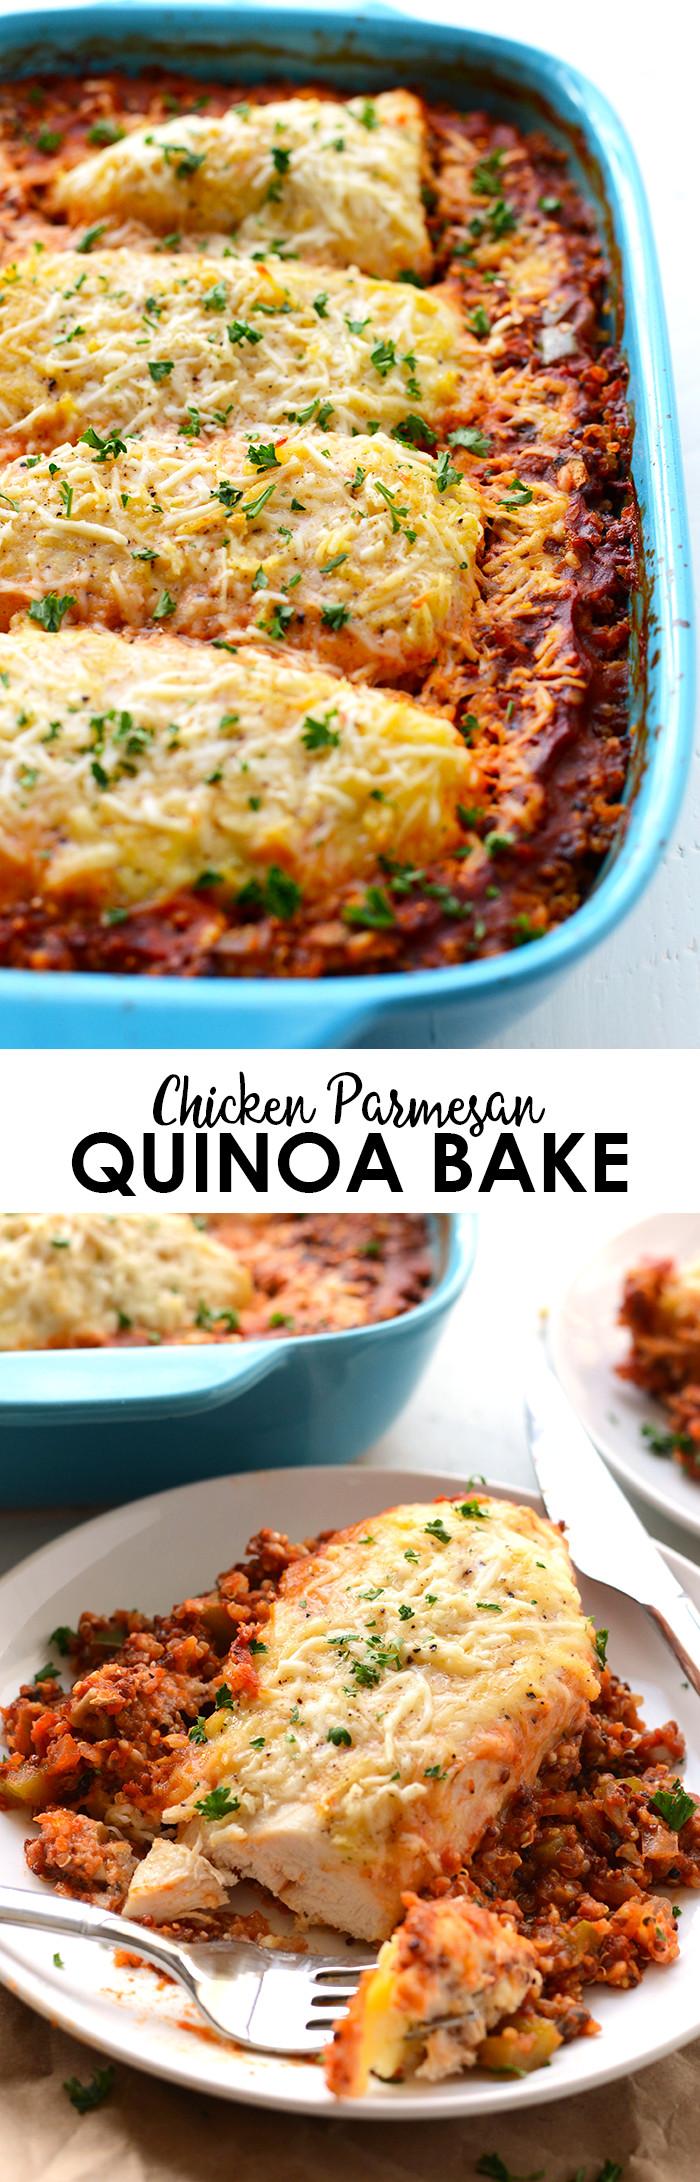 Baked Chicken Casserole Healthy  healthy chicken parmesan casserole